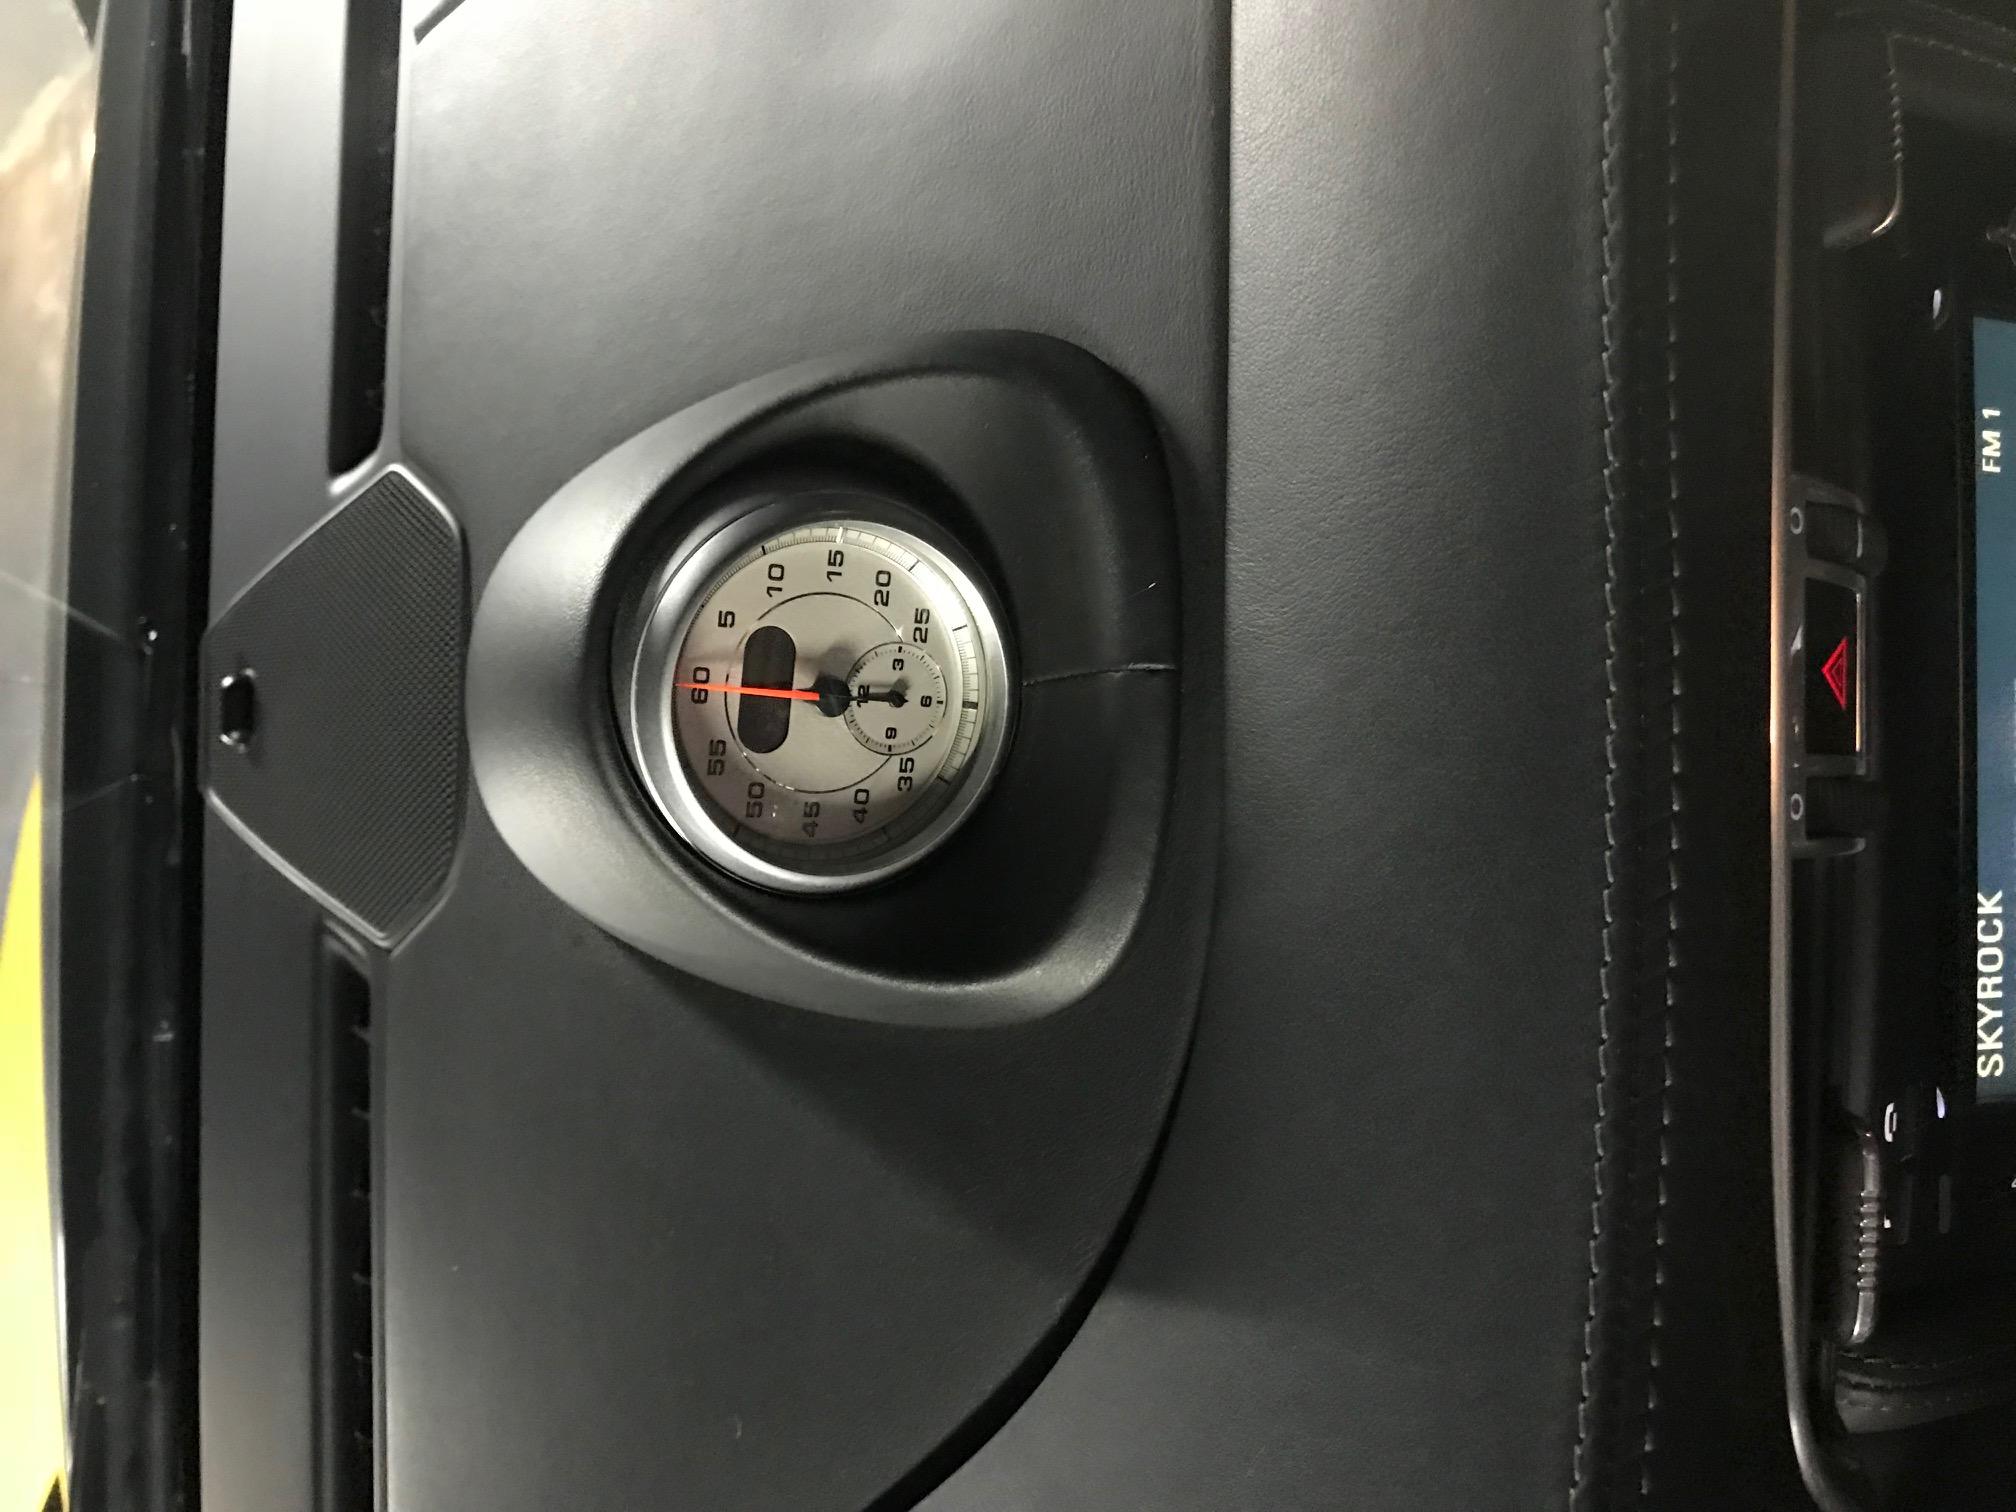 997.2 Turbo